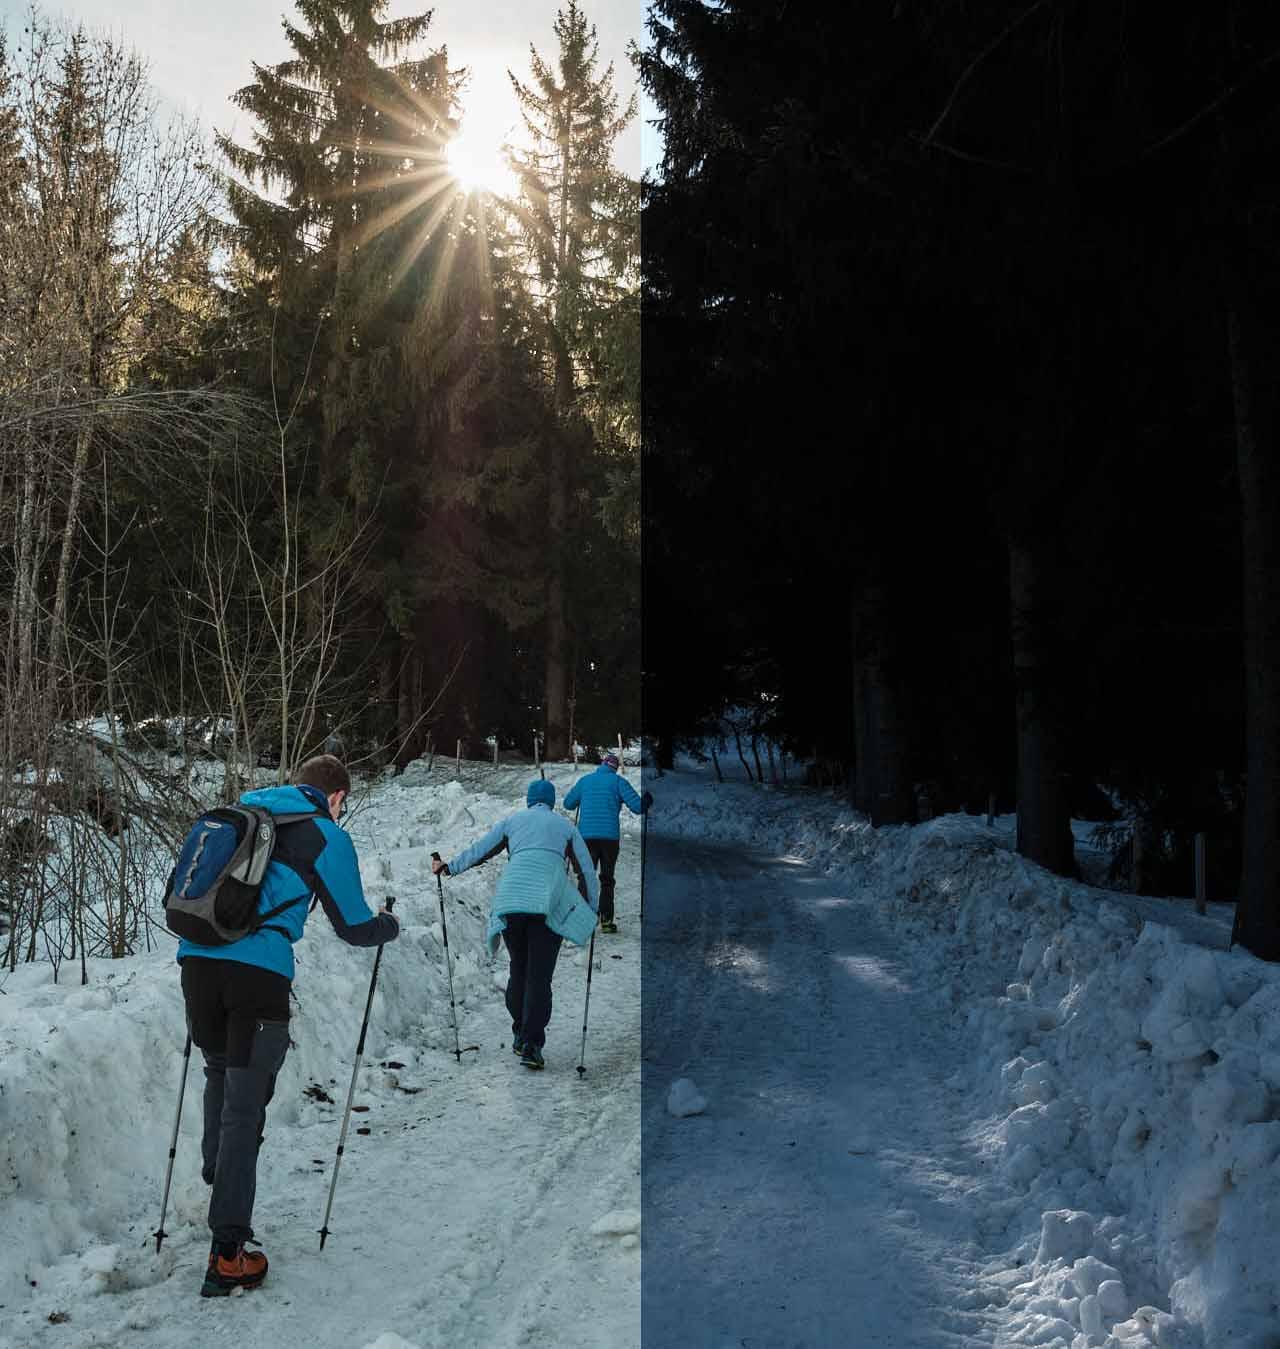 Winterwanderer auf einem schneebedeckten Weg